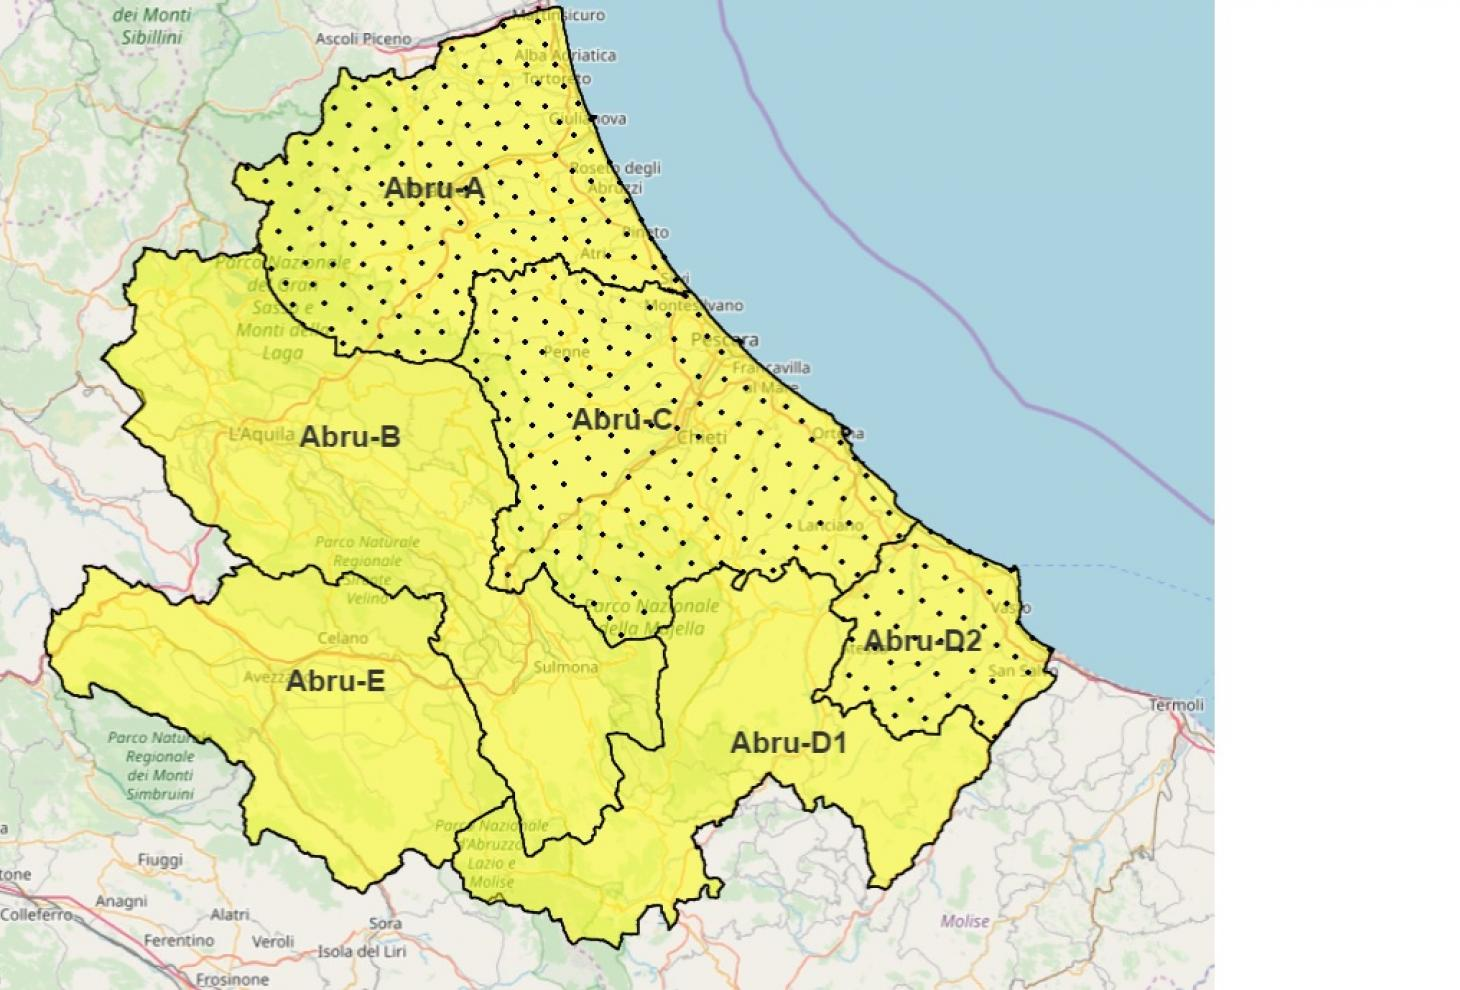 Cartina Della Regione Abruzzo.Maltempo Avviso Meteo E Allerta Gialla Per Domenica 17 Novembre Regione Abruzzo